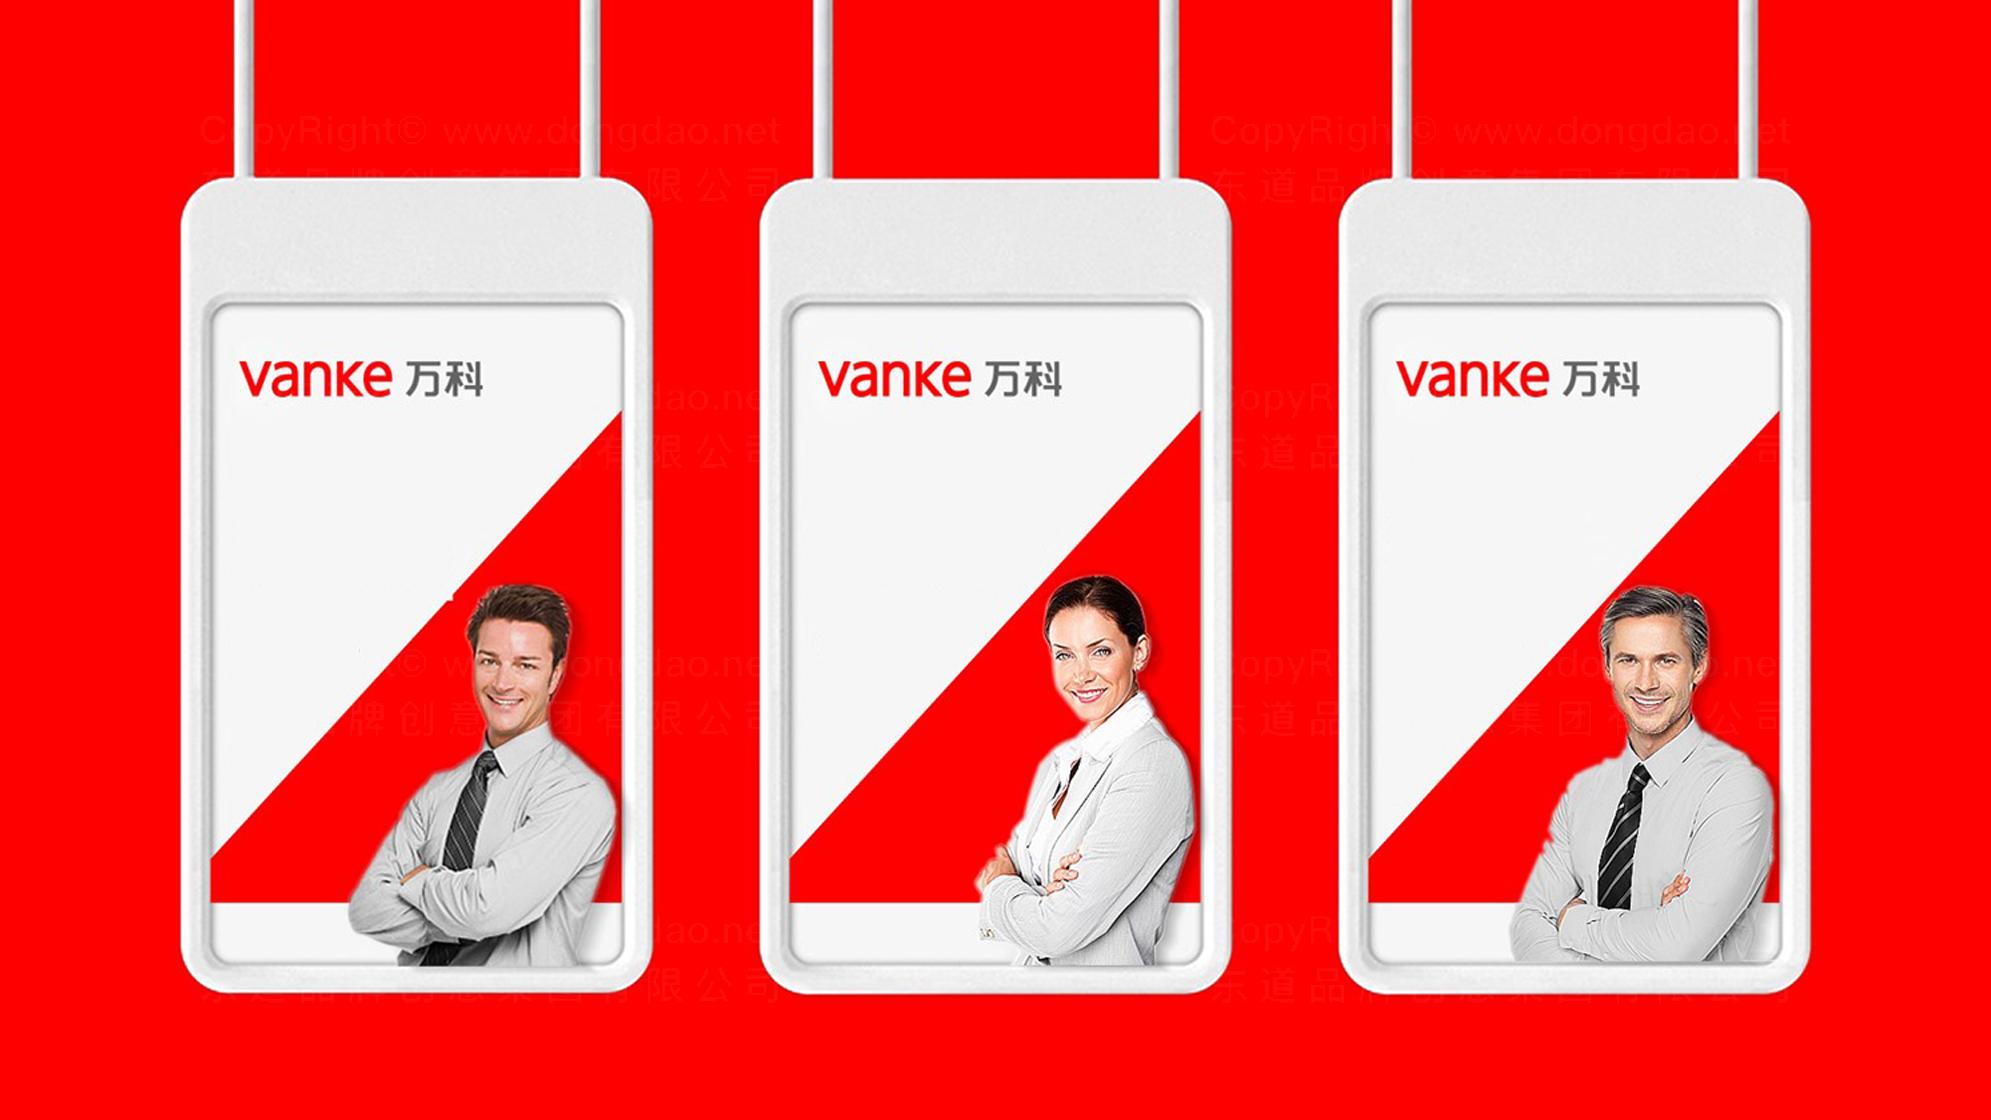 品牌设计万科logo设计、vi设计应用场景_1